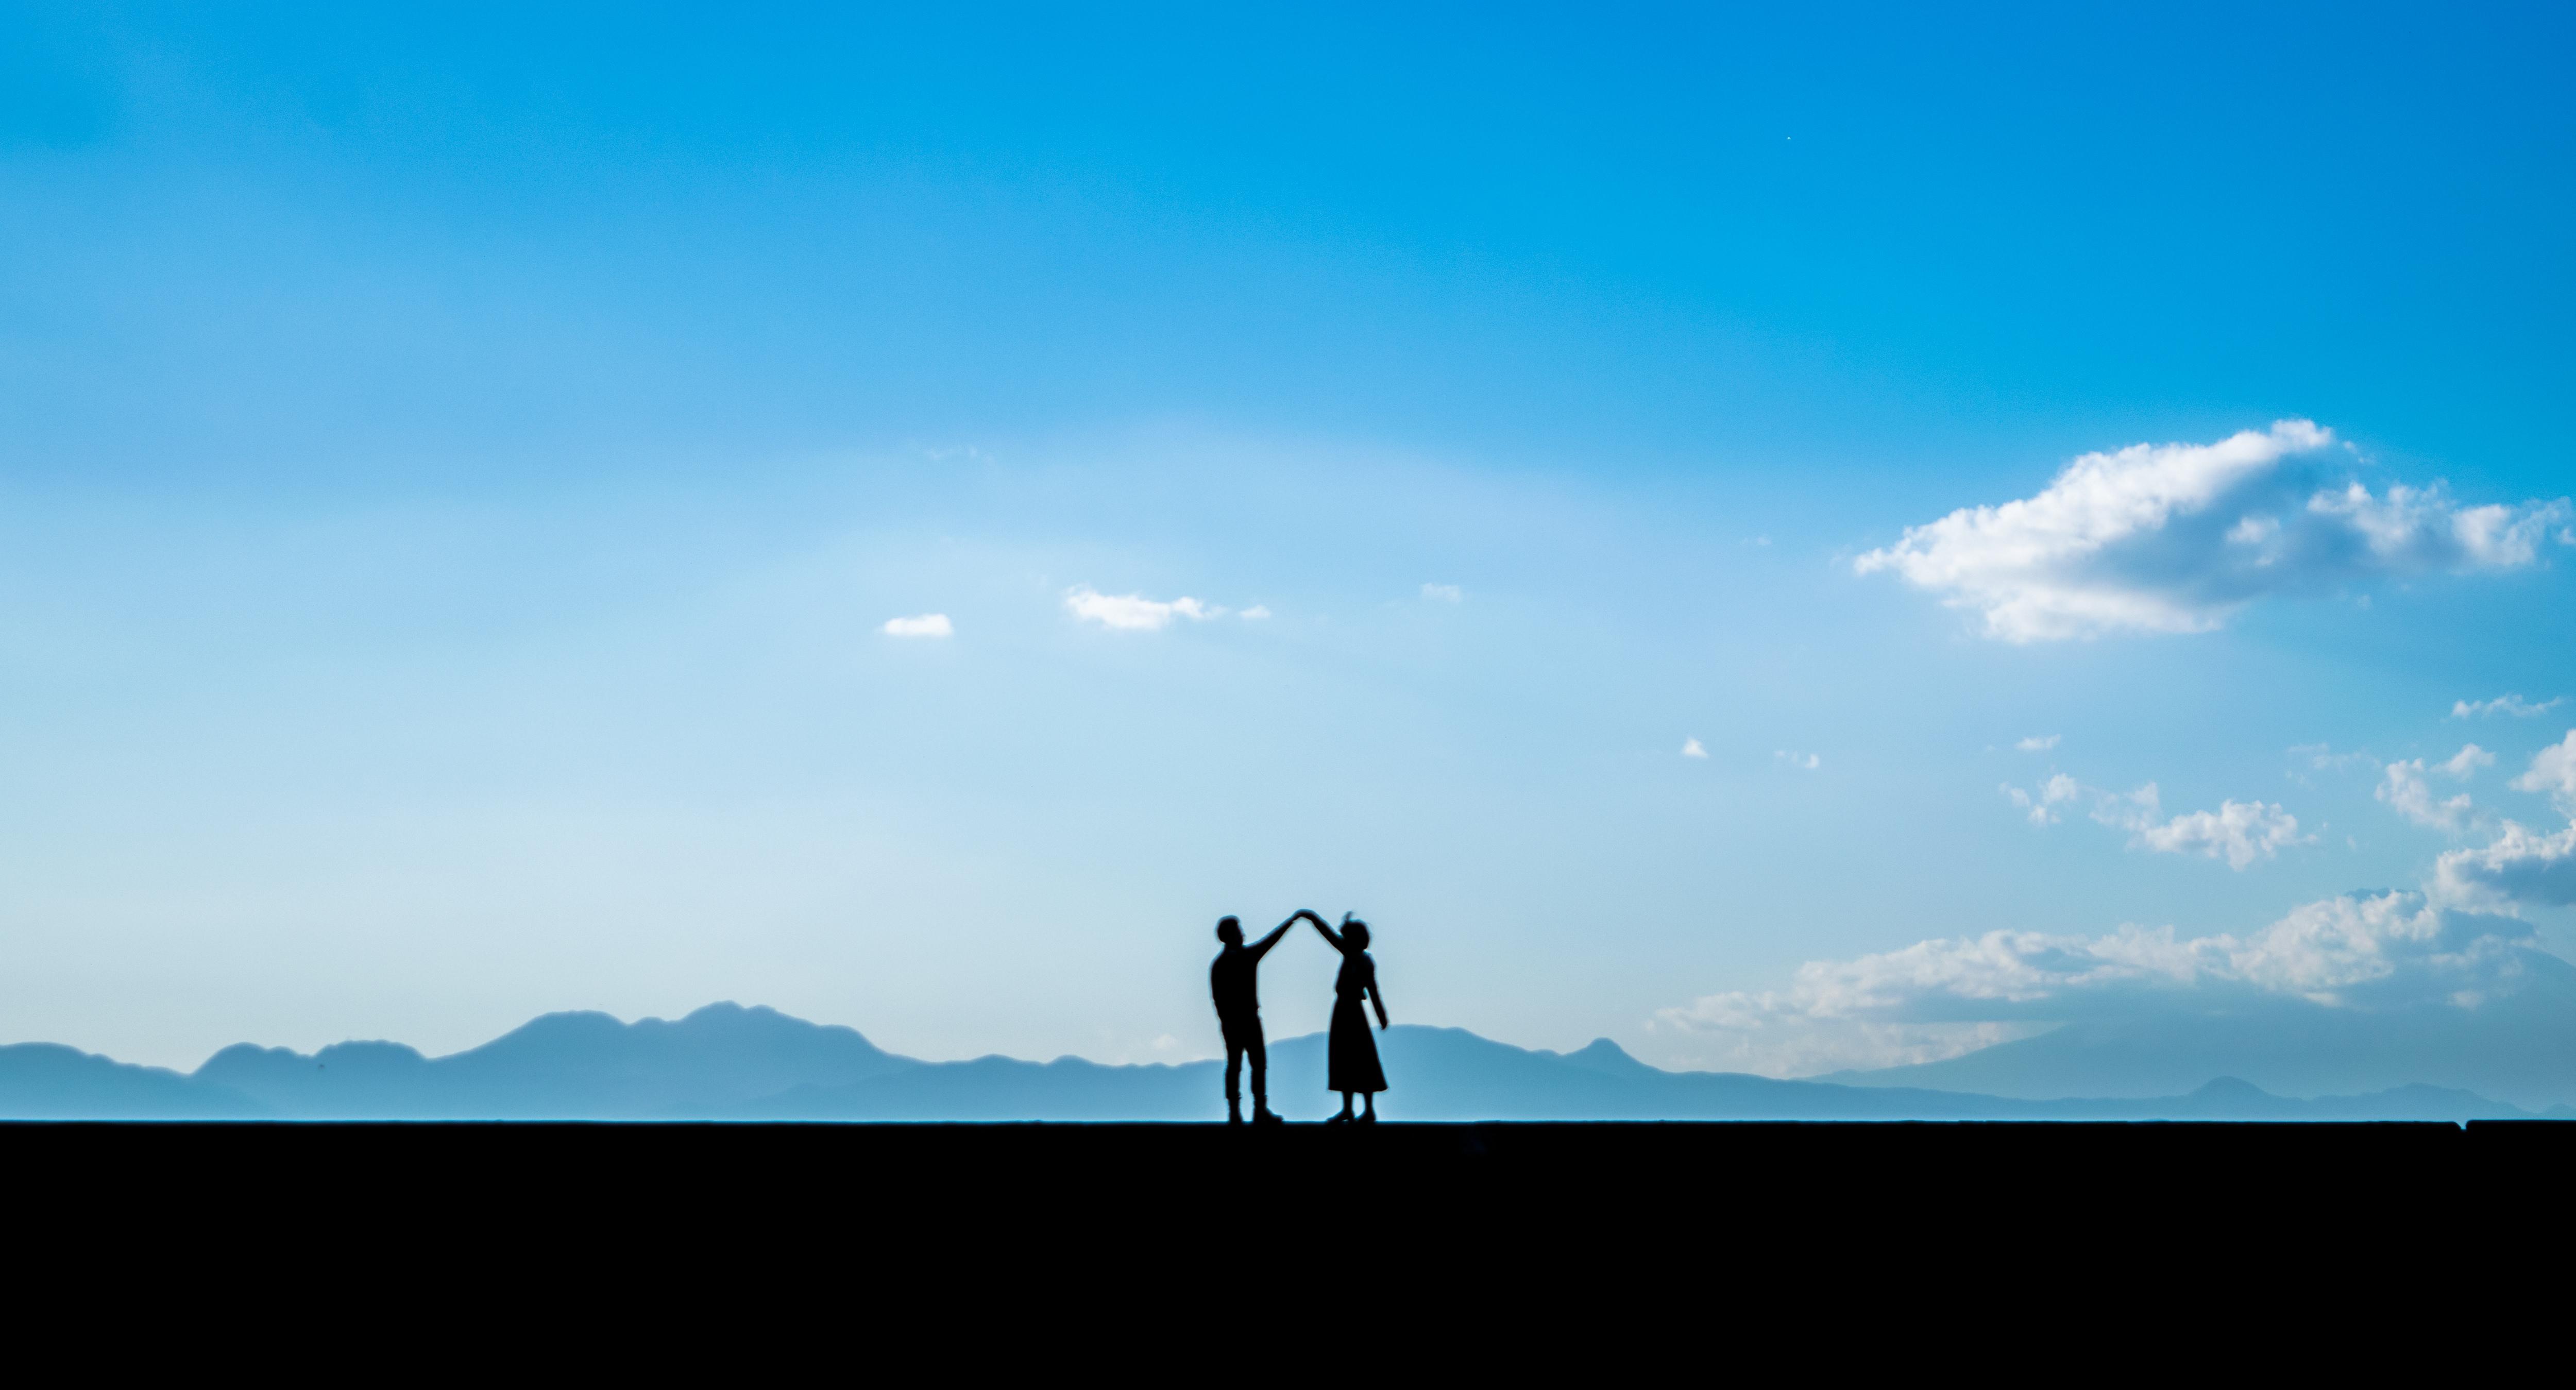 つないで手を離さないカップル シルエット の写真 画像 フリー素材 ぱくたそ